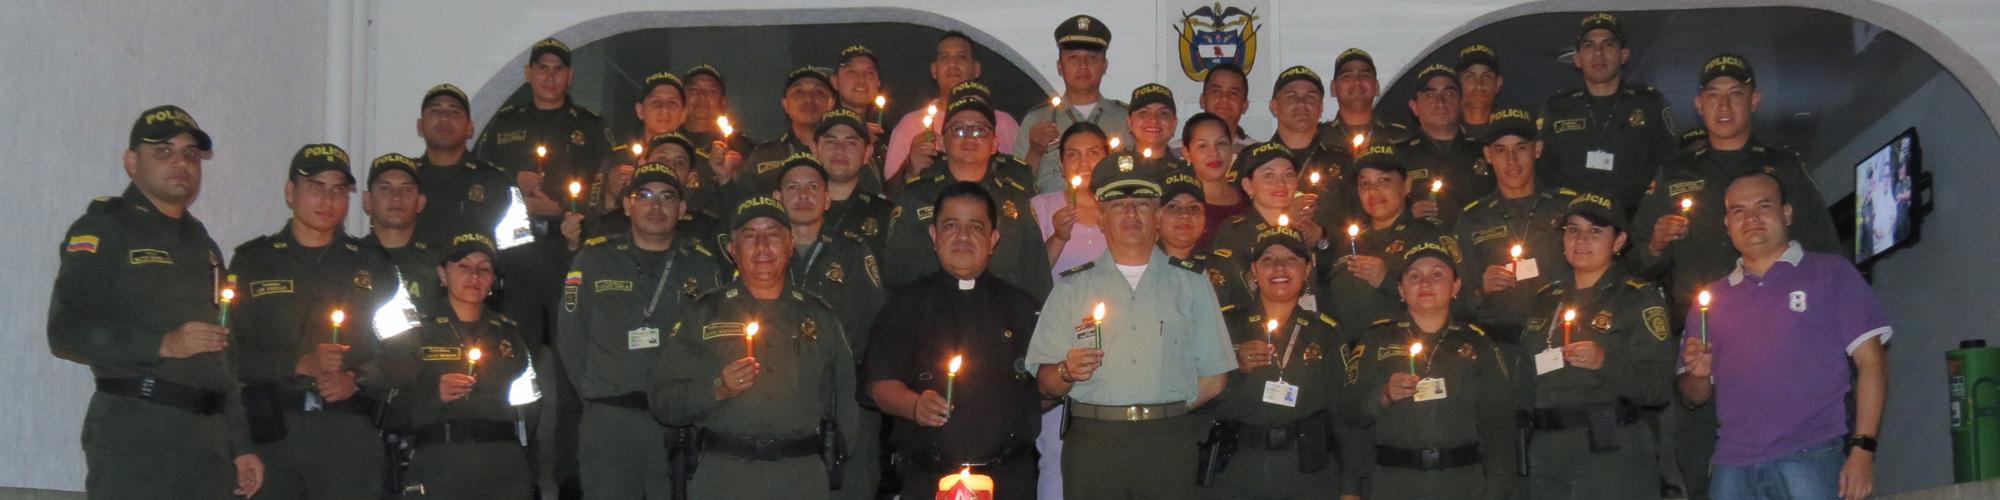 Departamento de Policía Arauca